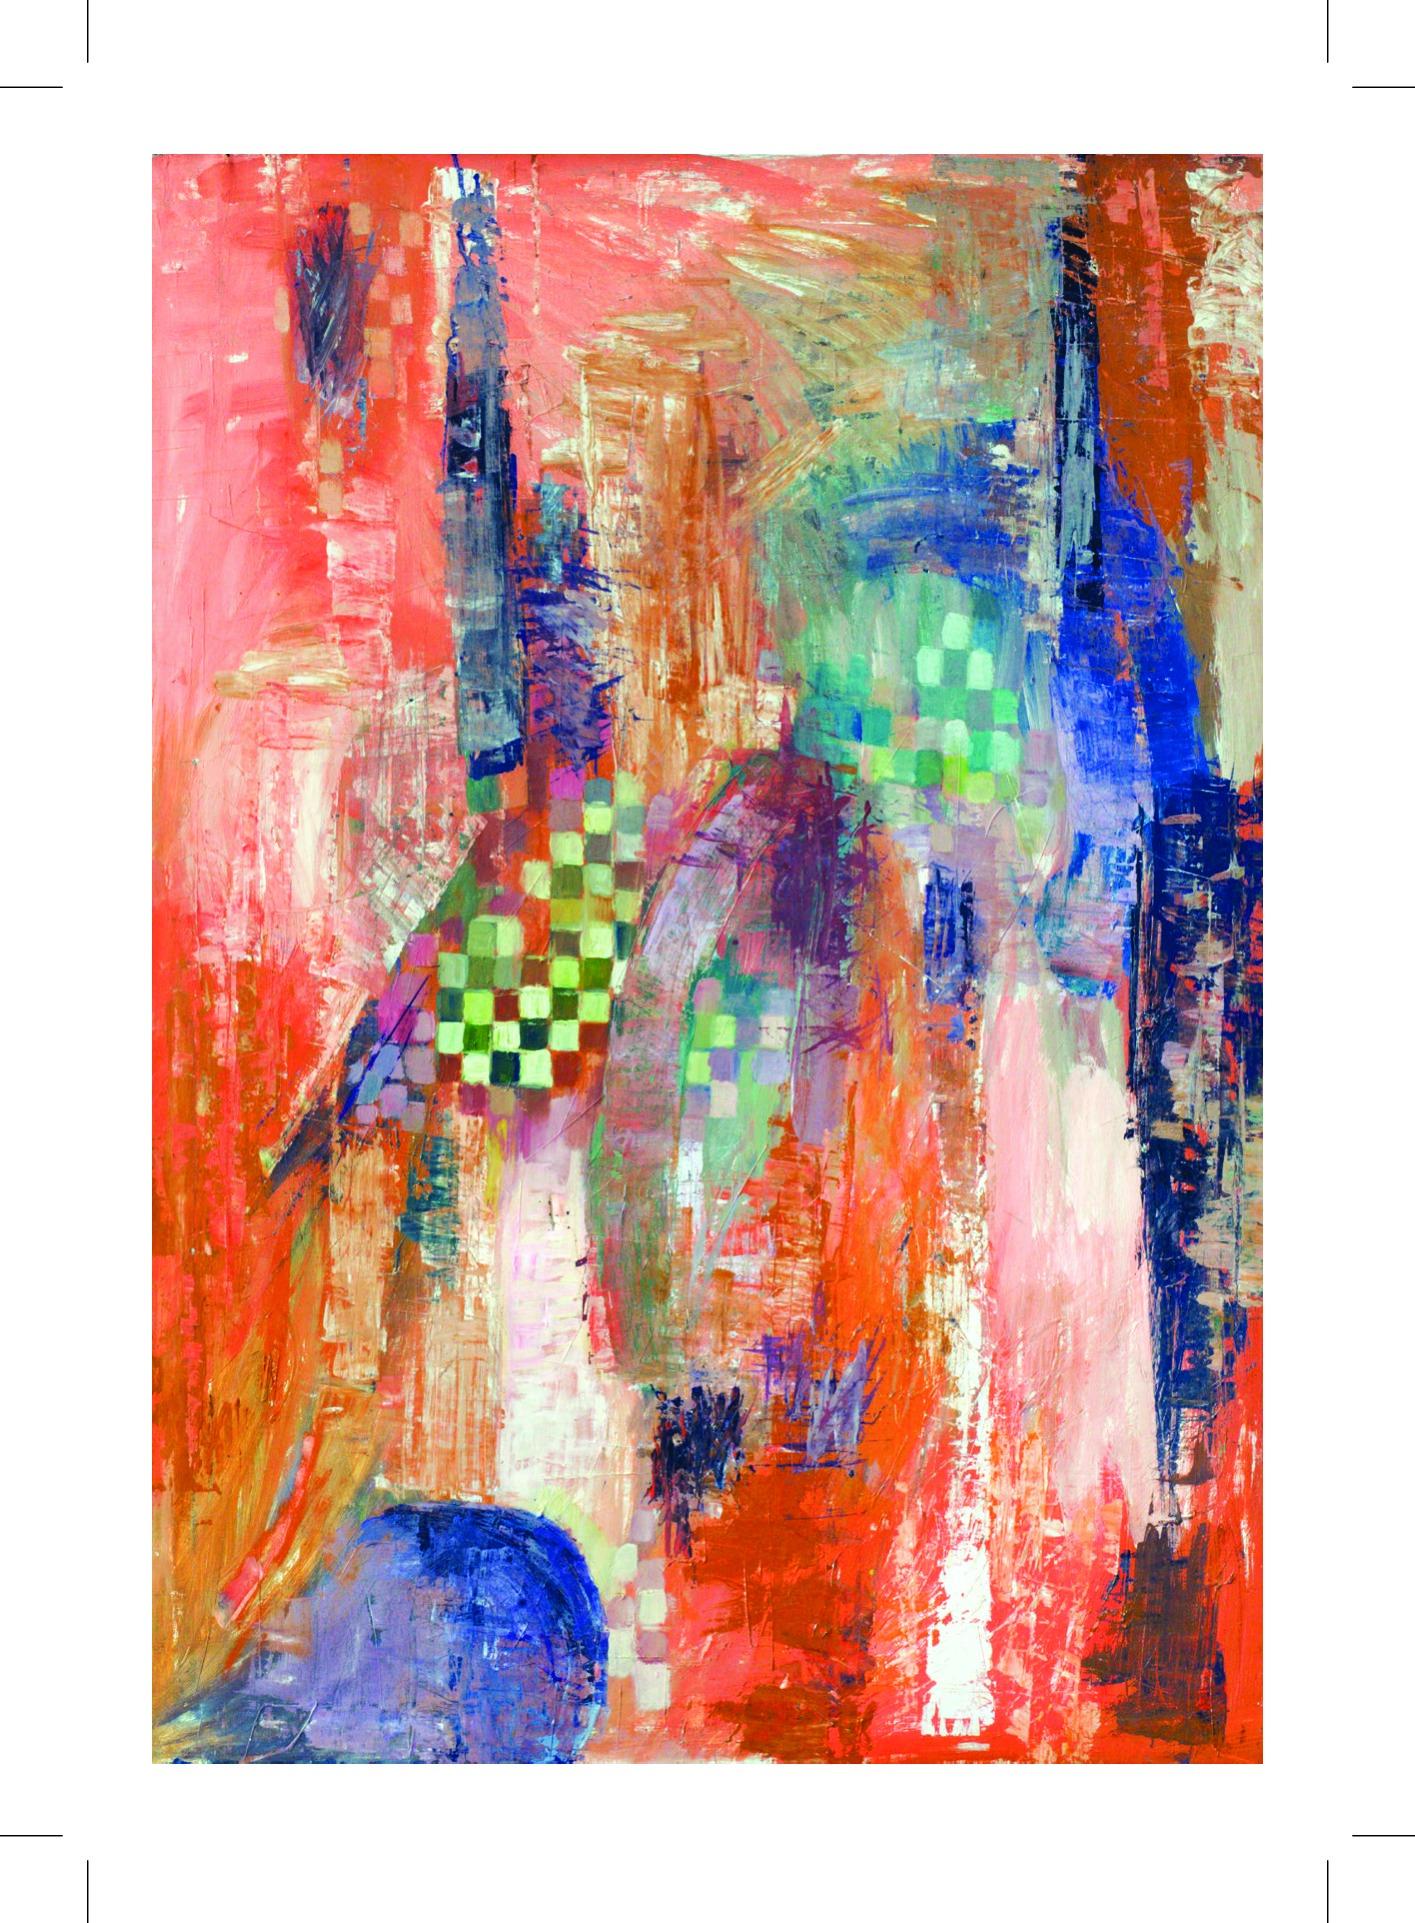 """Citycard Nr. 17: """"Enigma"""", Öl auf Leinwand, undatiert."""